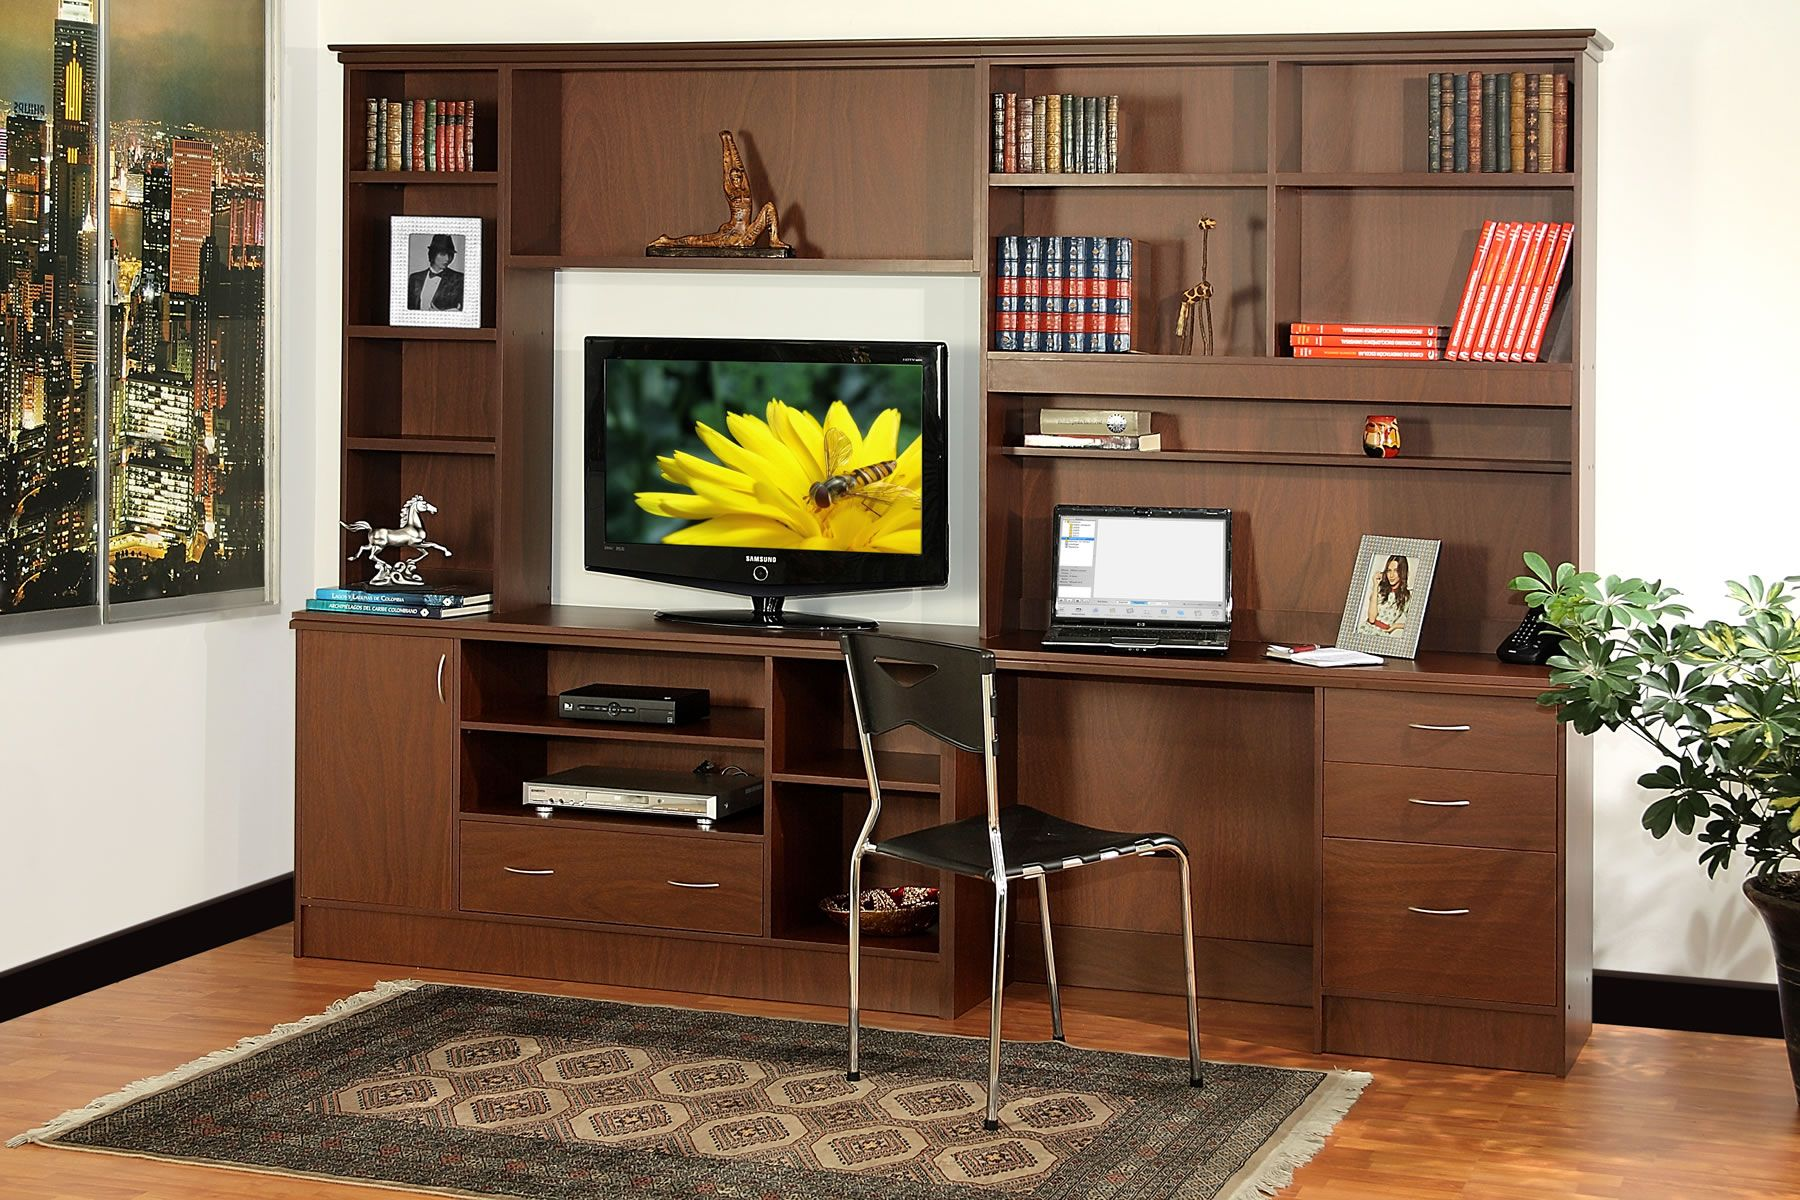 bibliotecas y centros de entretenimiento diseos modulares cali colombia - Diseos Modulares